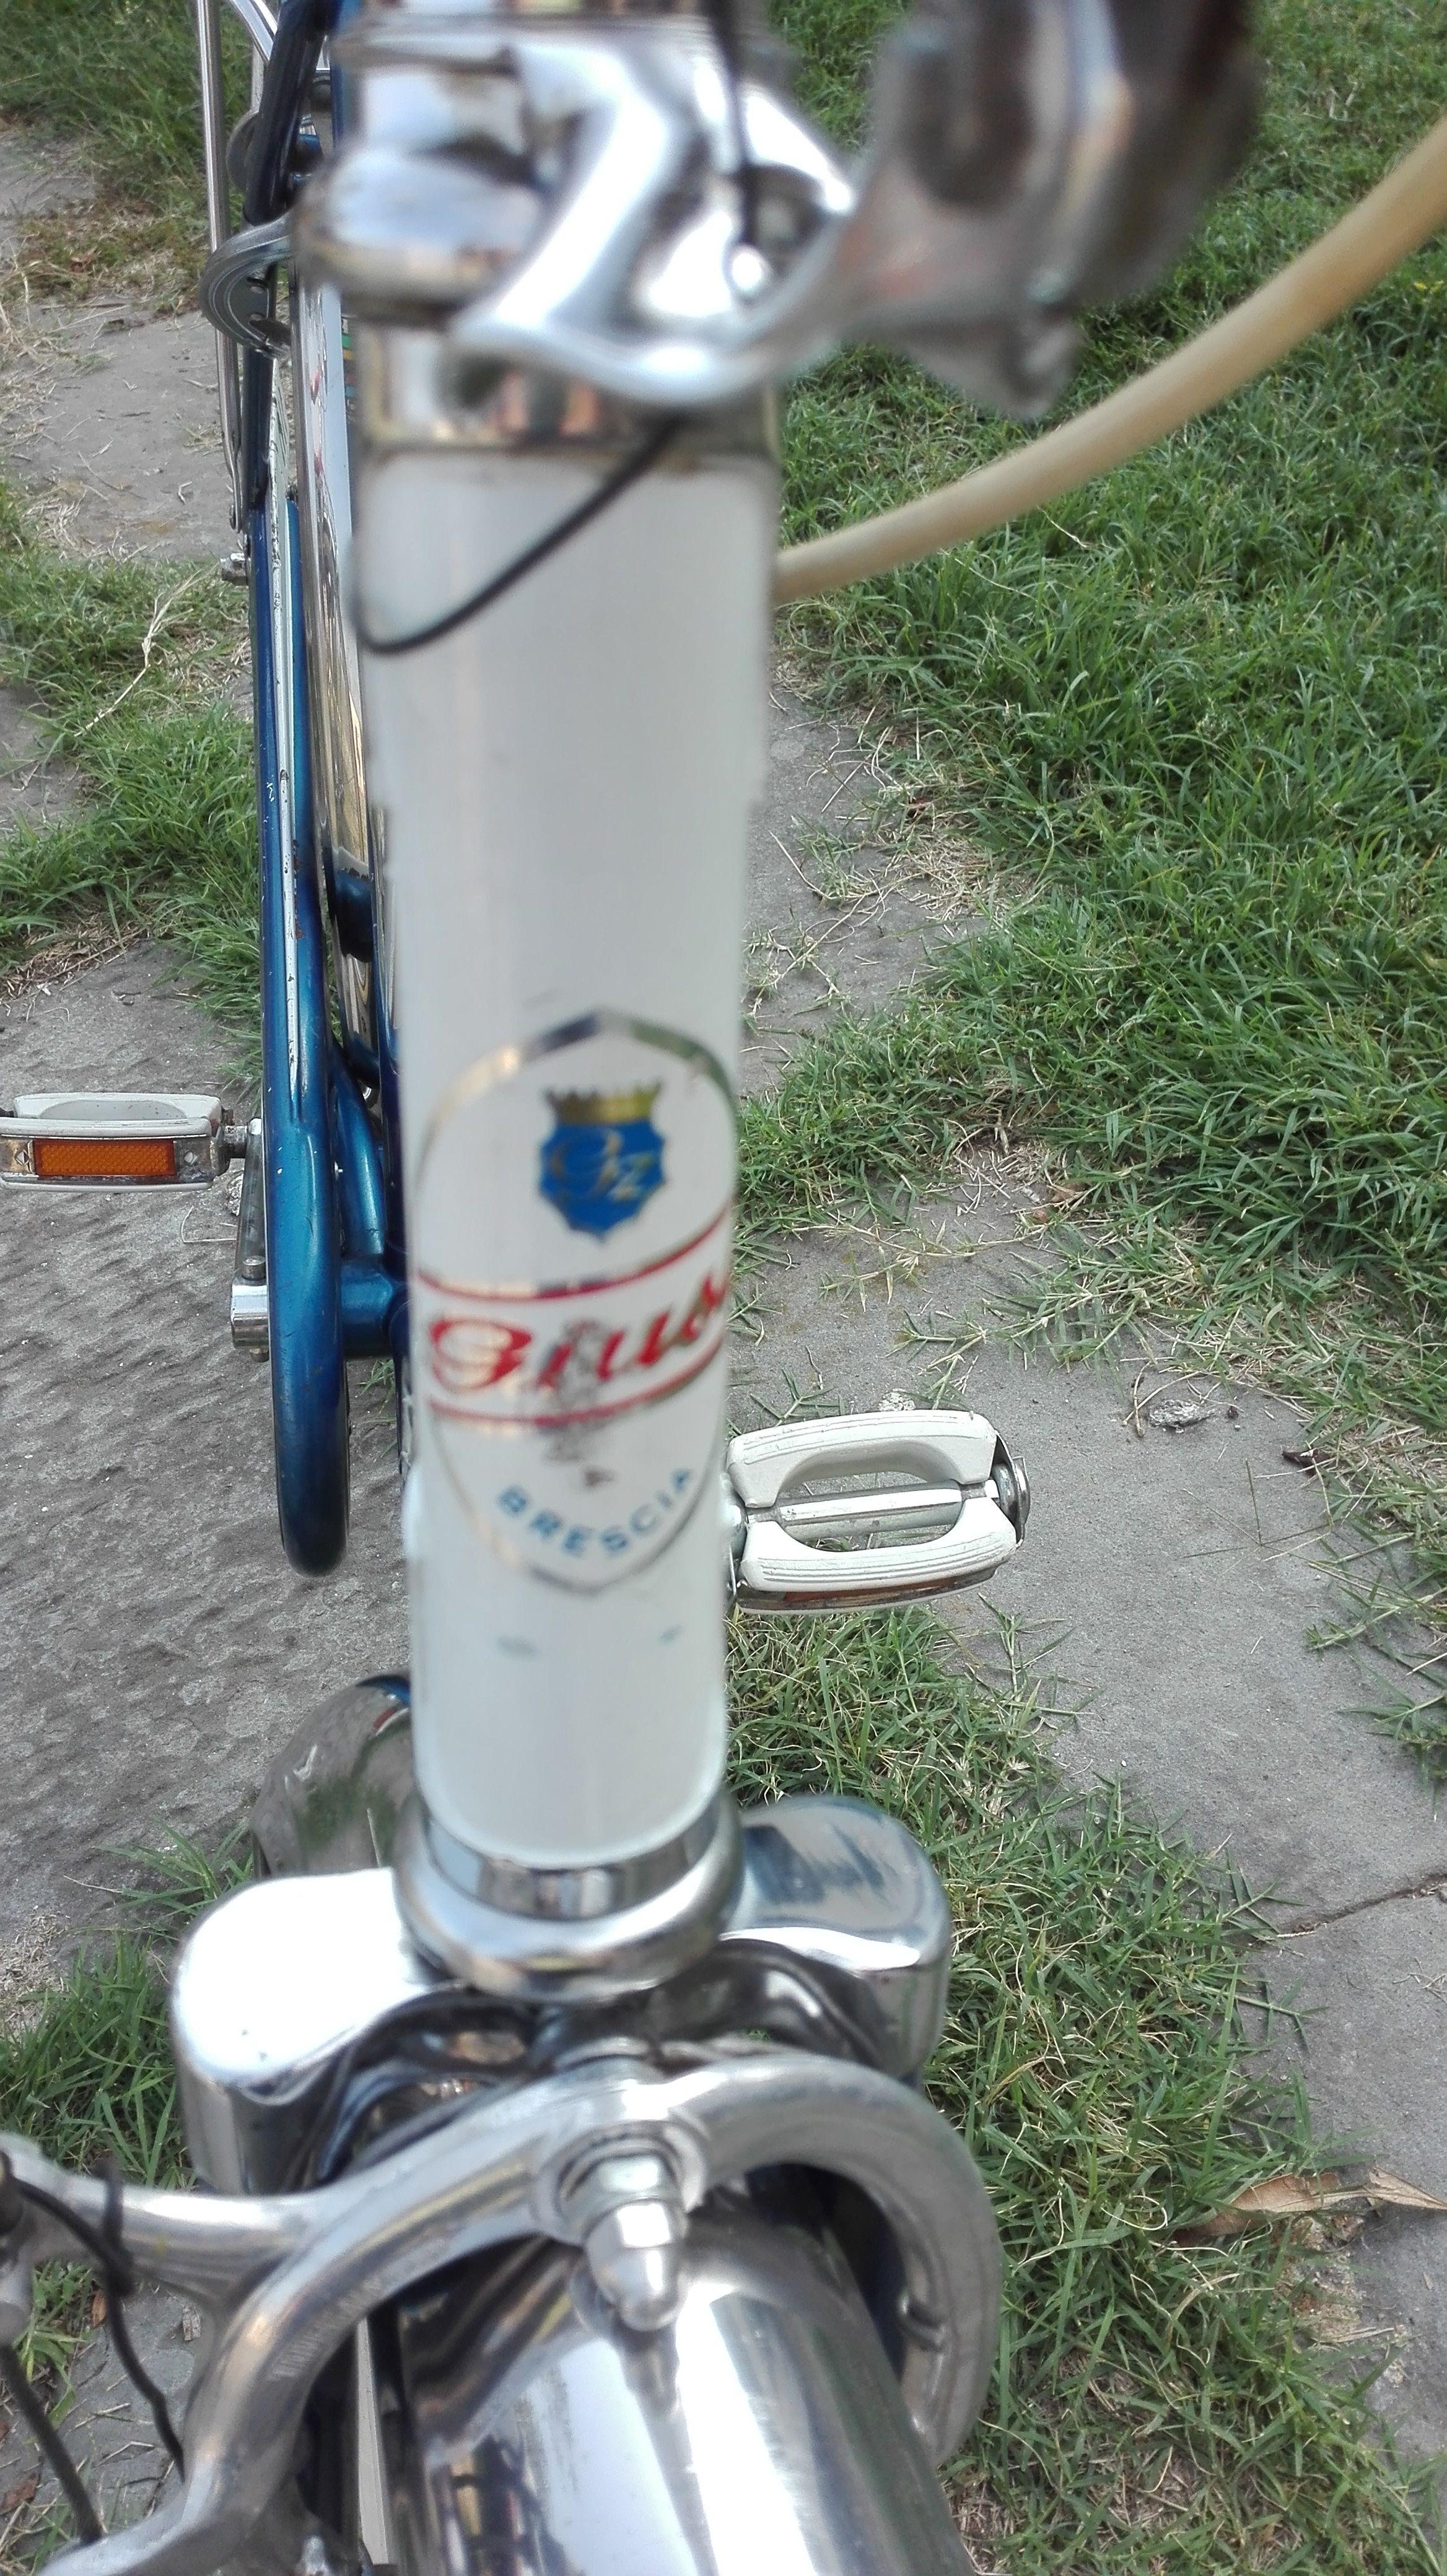 Bicicletta Zecchini Anni 70 America Biciclette Cruiser Vintage